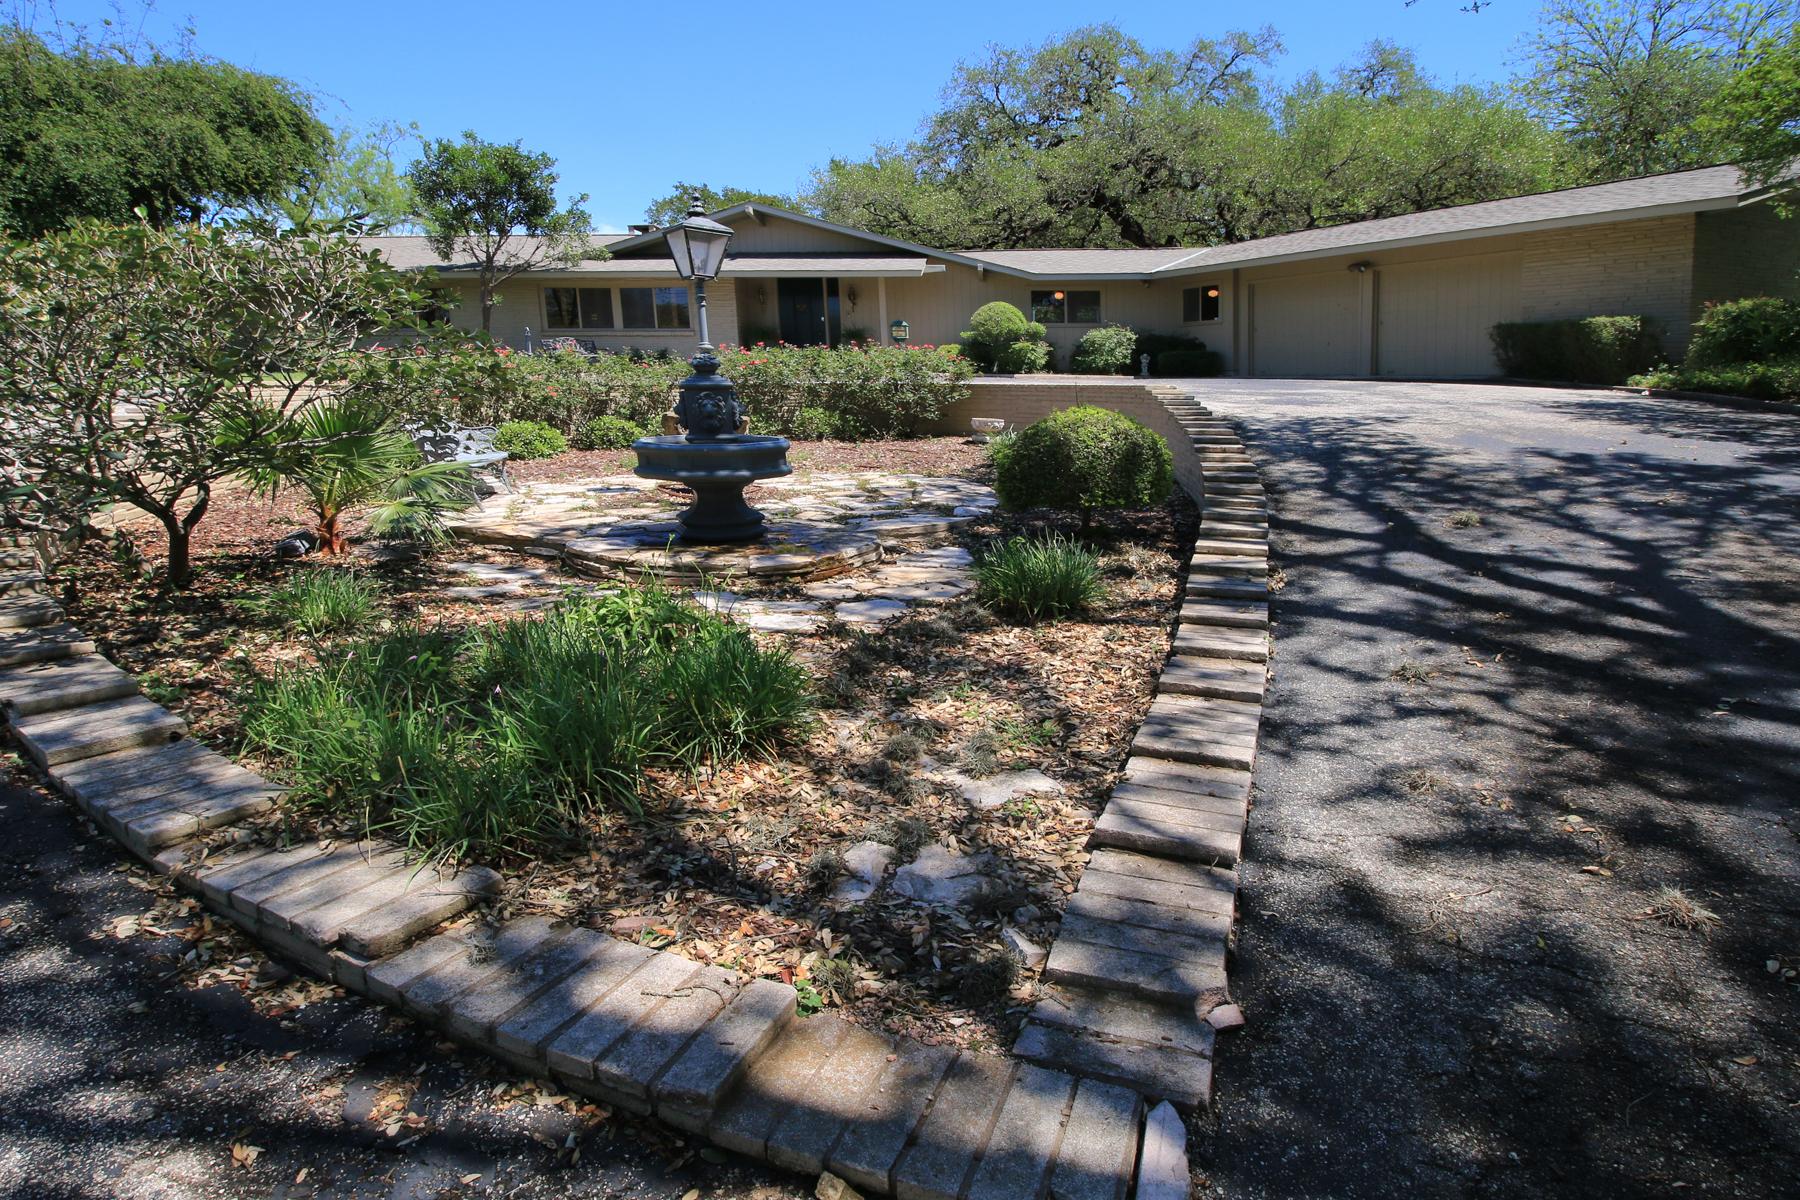 Maison unifamiliale pour l Vente à Impressive Home in Northwood 2222 Nacogdoches Rd Northwood, San Antonio, Texas, 78209 États-Unis